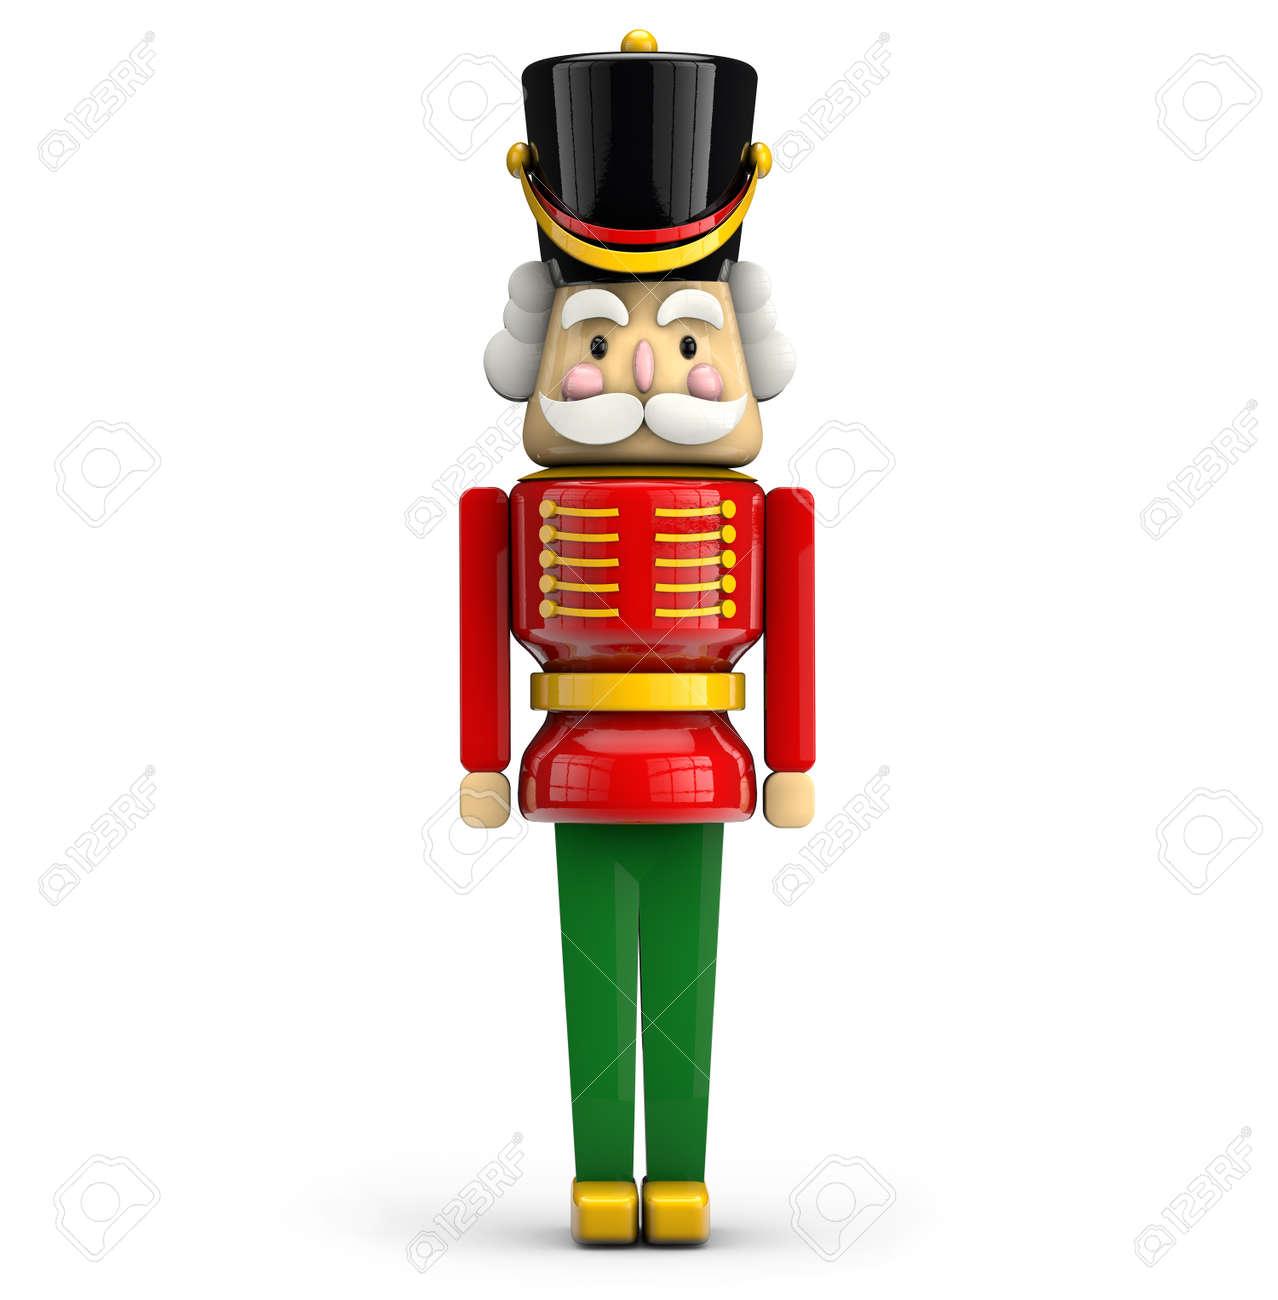 Nussknacker Weihnachten Soldat Spielzeug Isoliert Auf Weißem ...